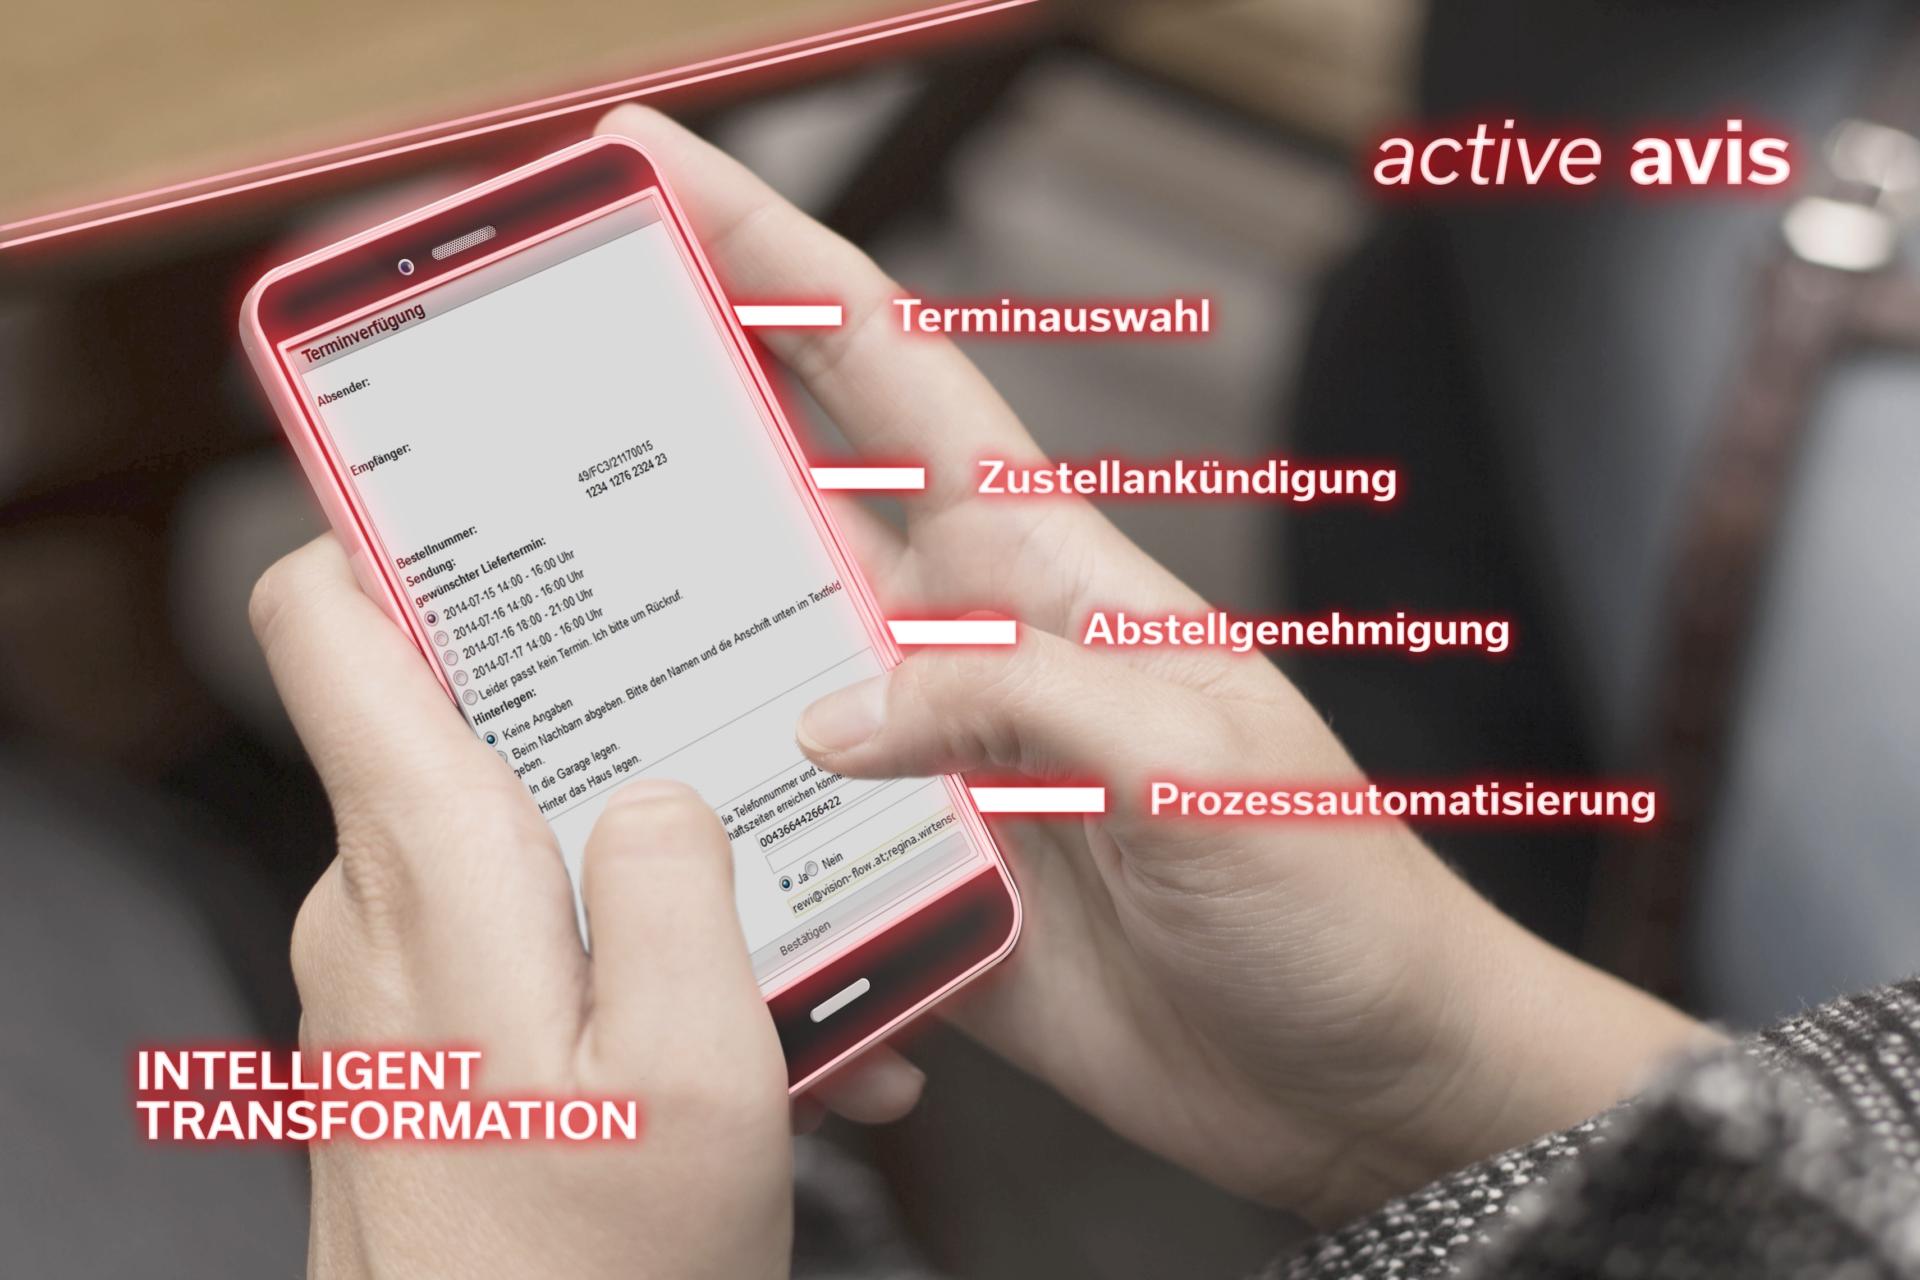 Neuheit bei active avis – KI-Chatbot avisiert Sendungen